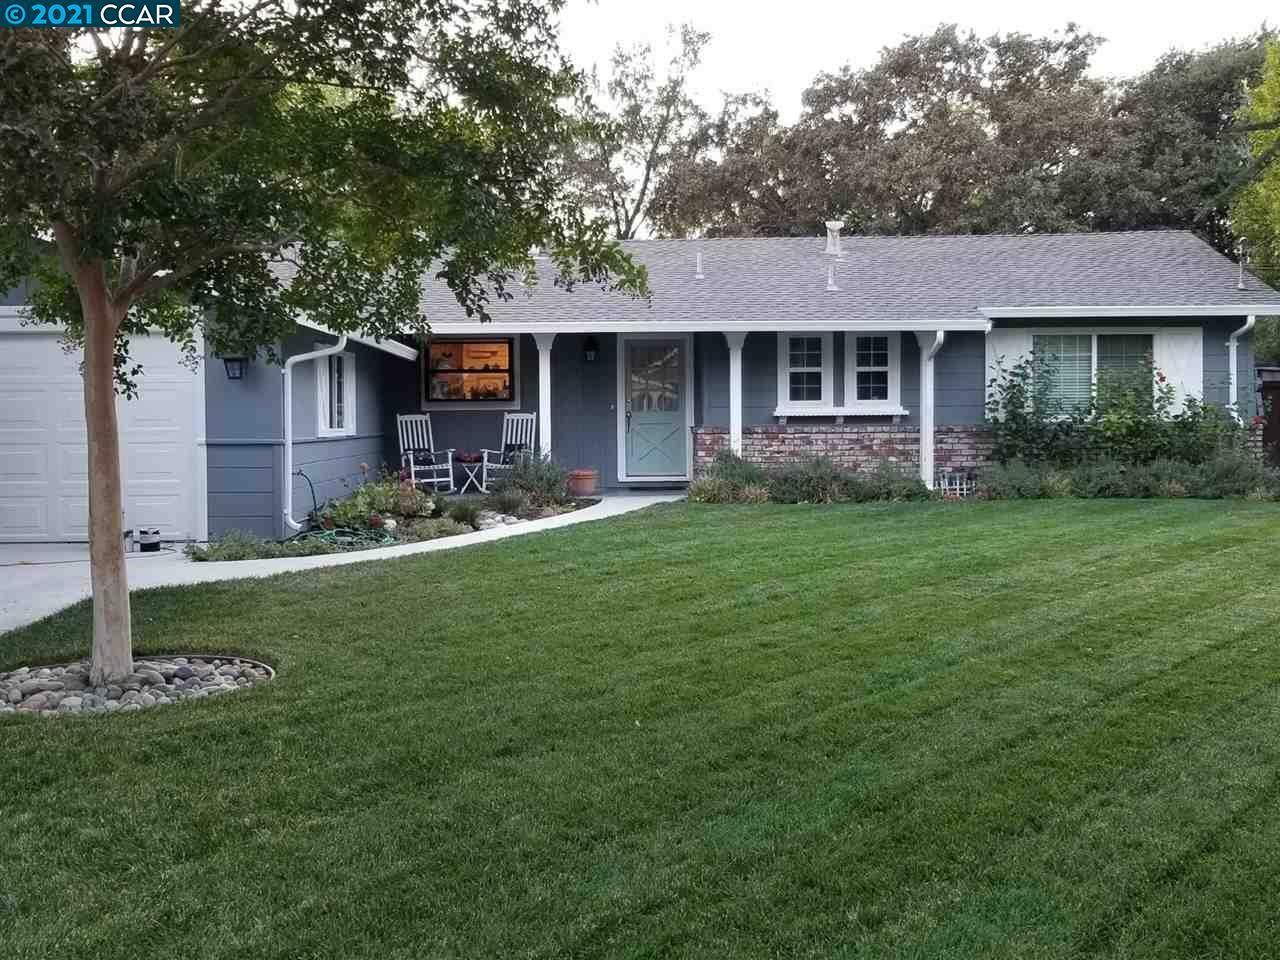 Photo for 136 Greenwood Cir, WALNUT CREEK, CA 94596 (MLS # 40935186)